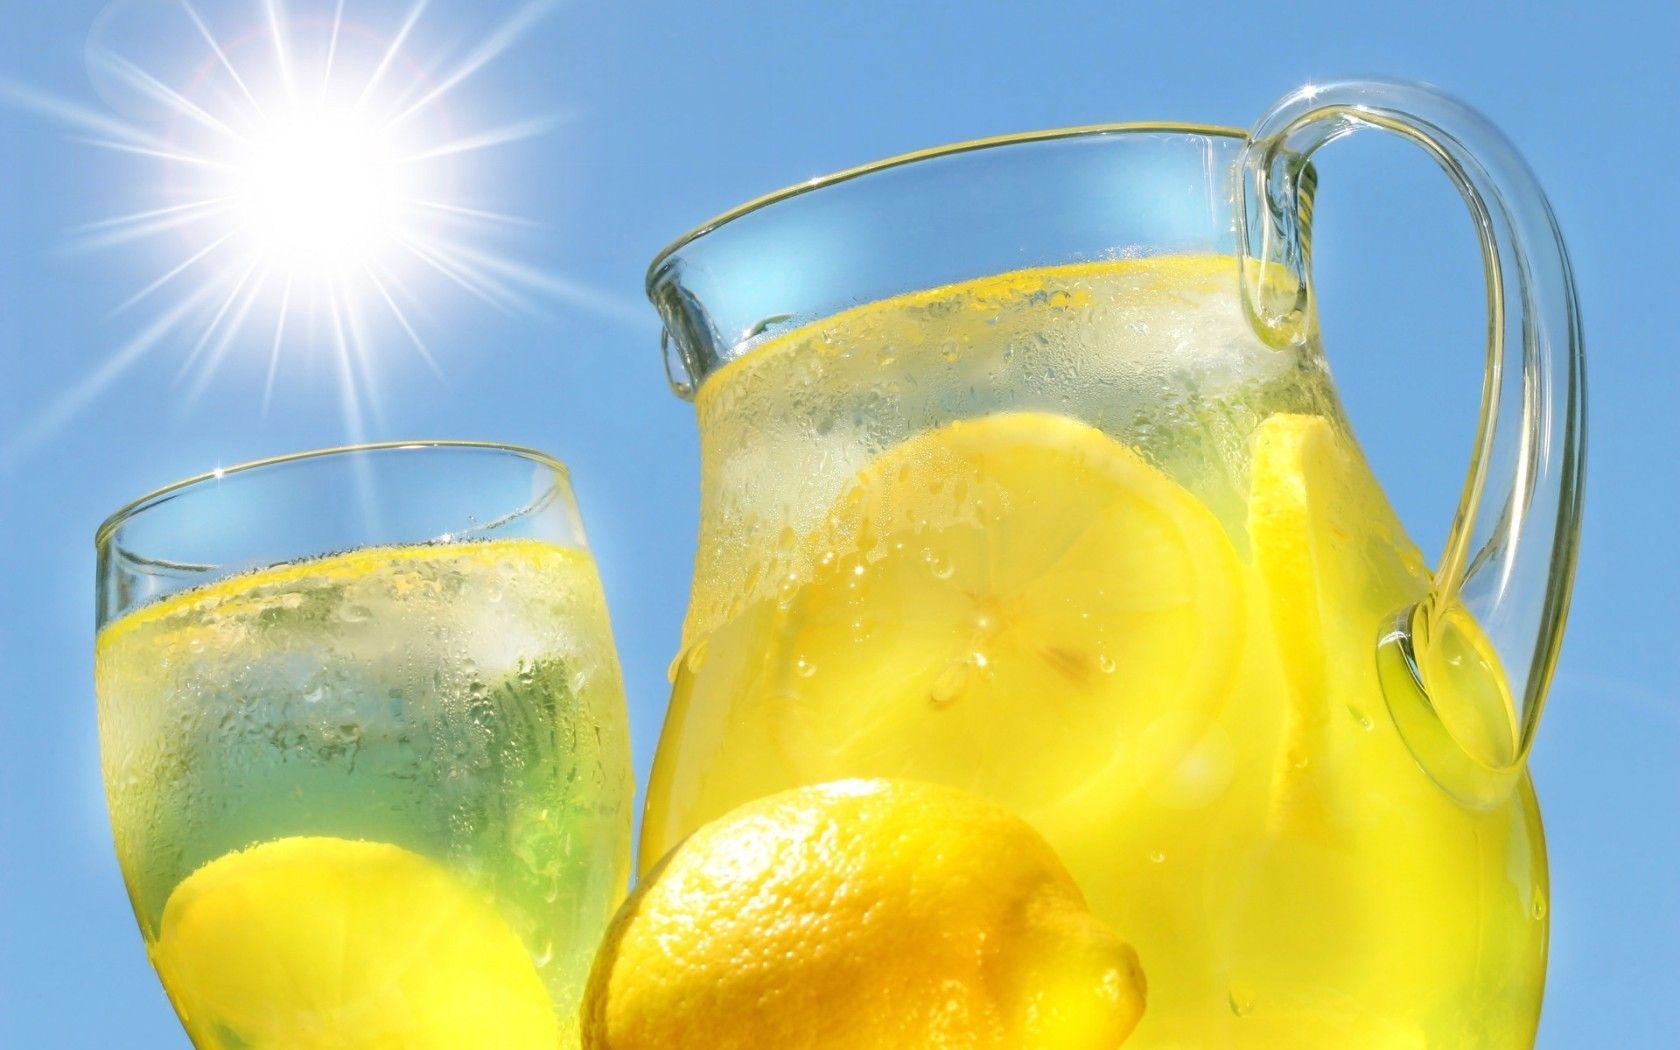 acqua-limone-al-mattino